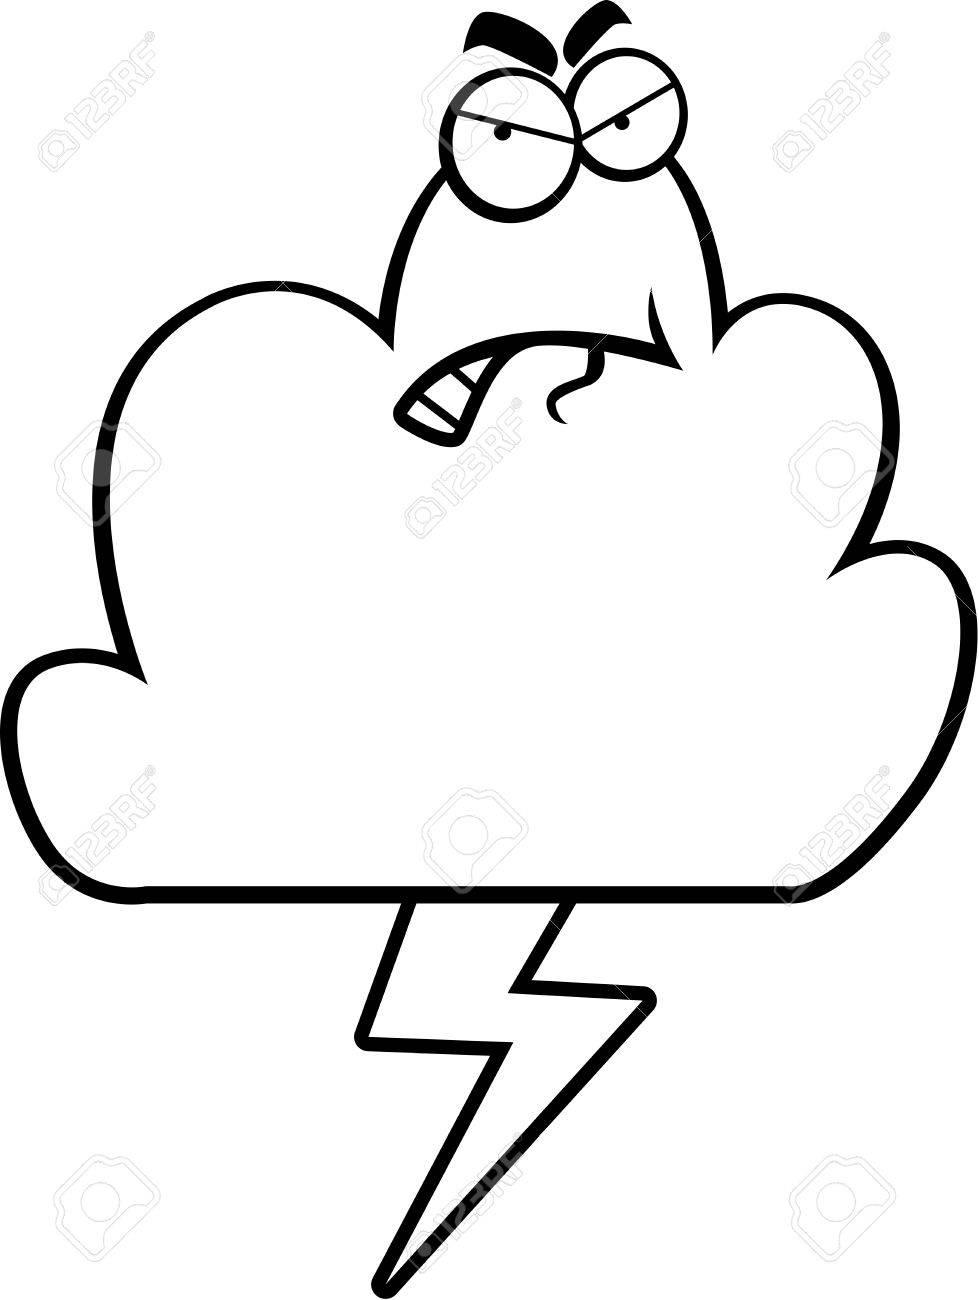 怒りの表現で漫画嵐雲のイラスト素材ベクタ Image 43332581